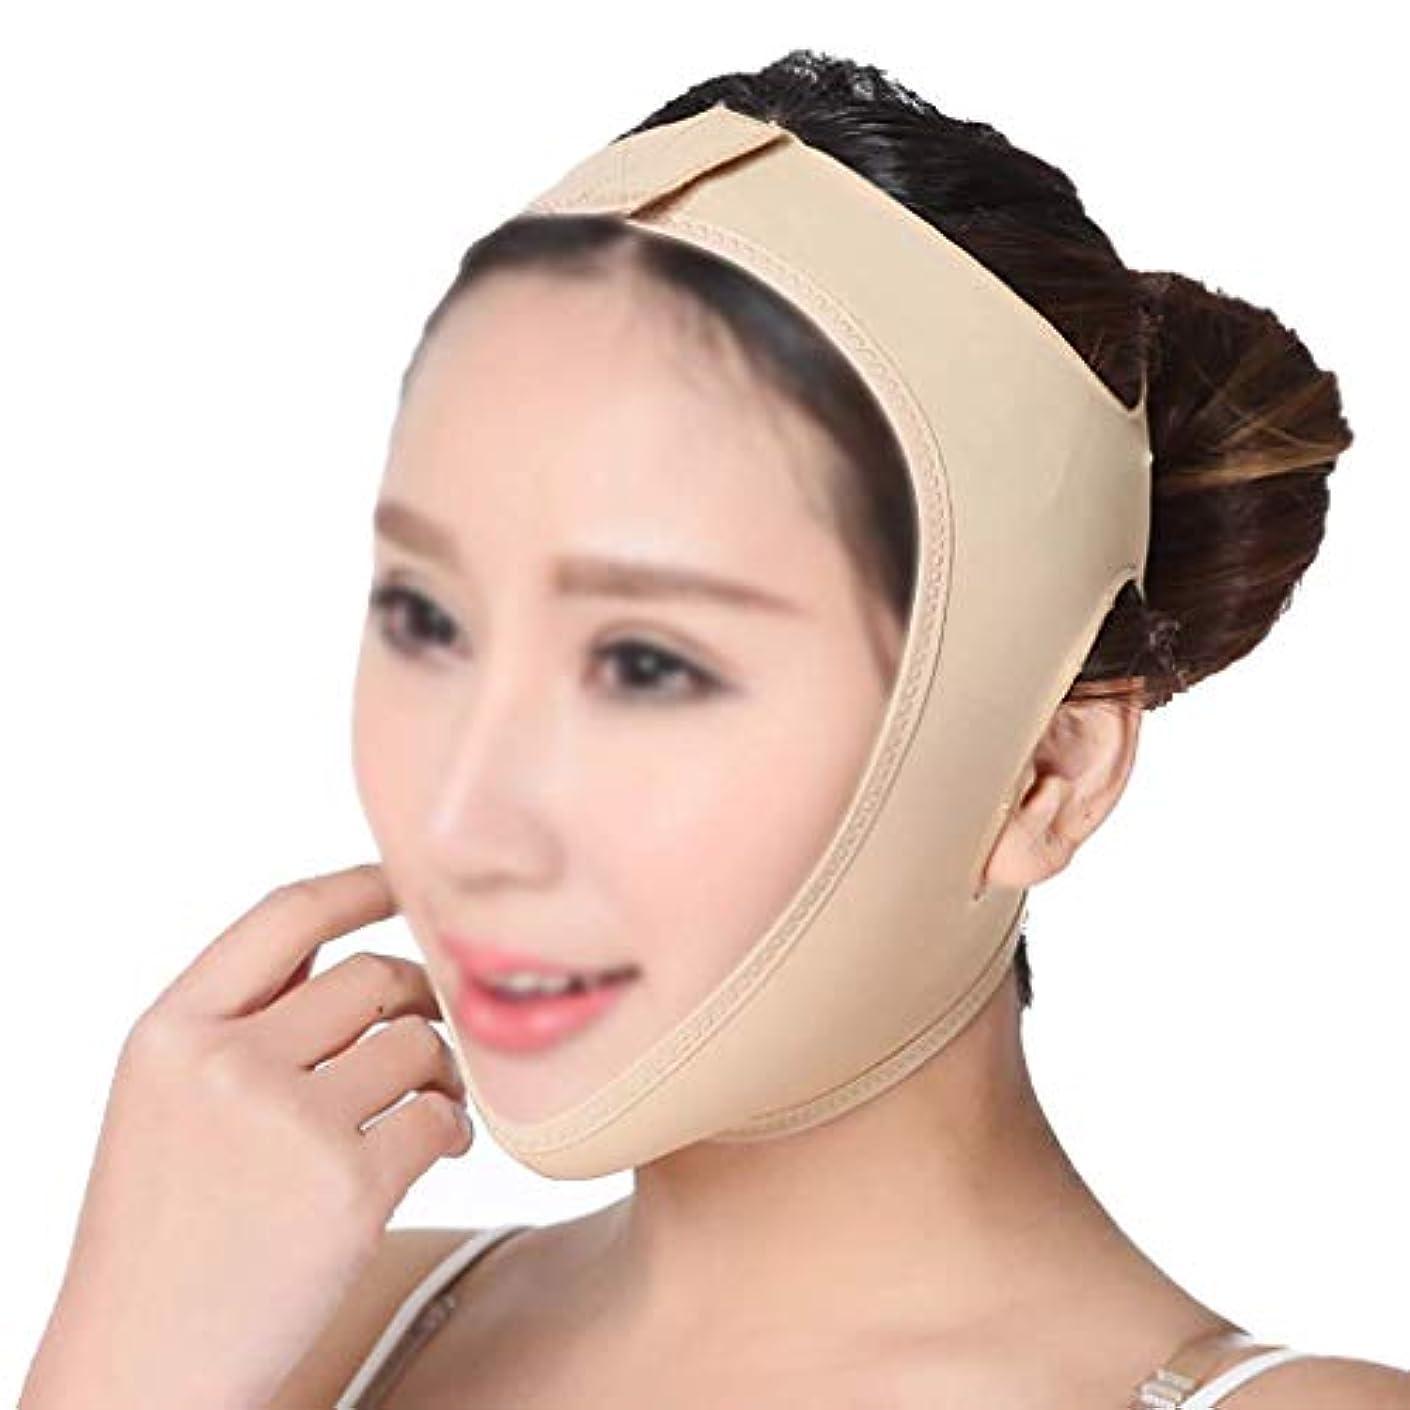 引退する生理統計フェイスリフティングマスク、持ち上がるあごと顔の肌、垂れ下がるのを防ぐ頬、快適で通気性のある生地、詰め物にすることを拒否、着用しやすい(サイズ:XL)